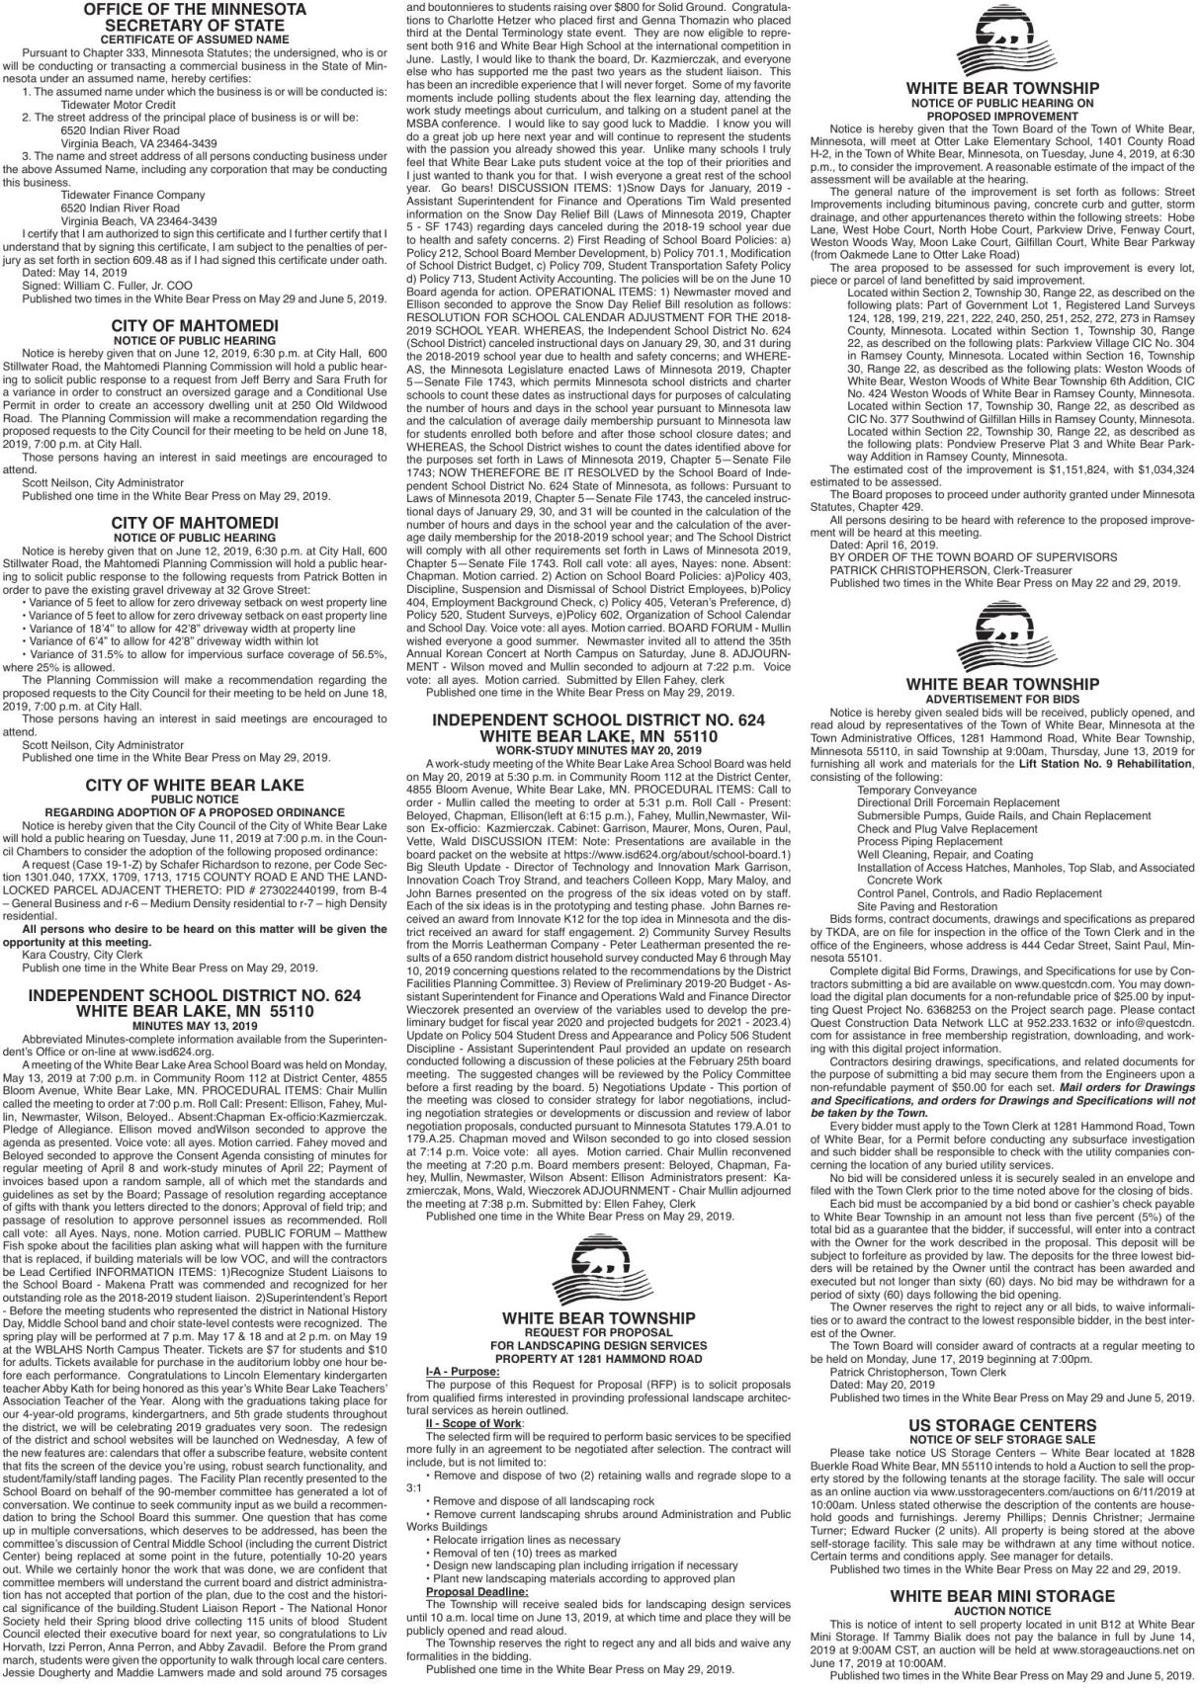 Legals WBVH 5-29-19